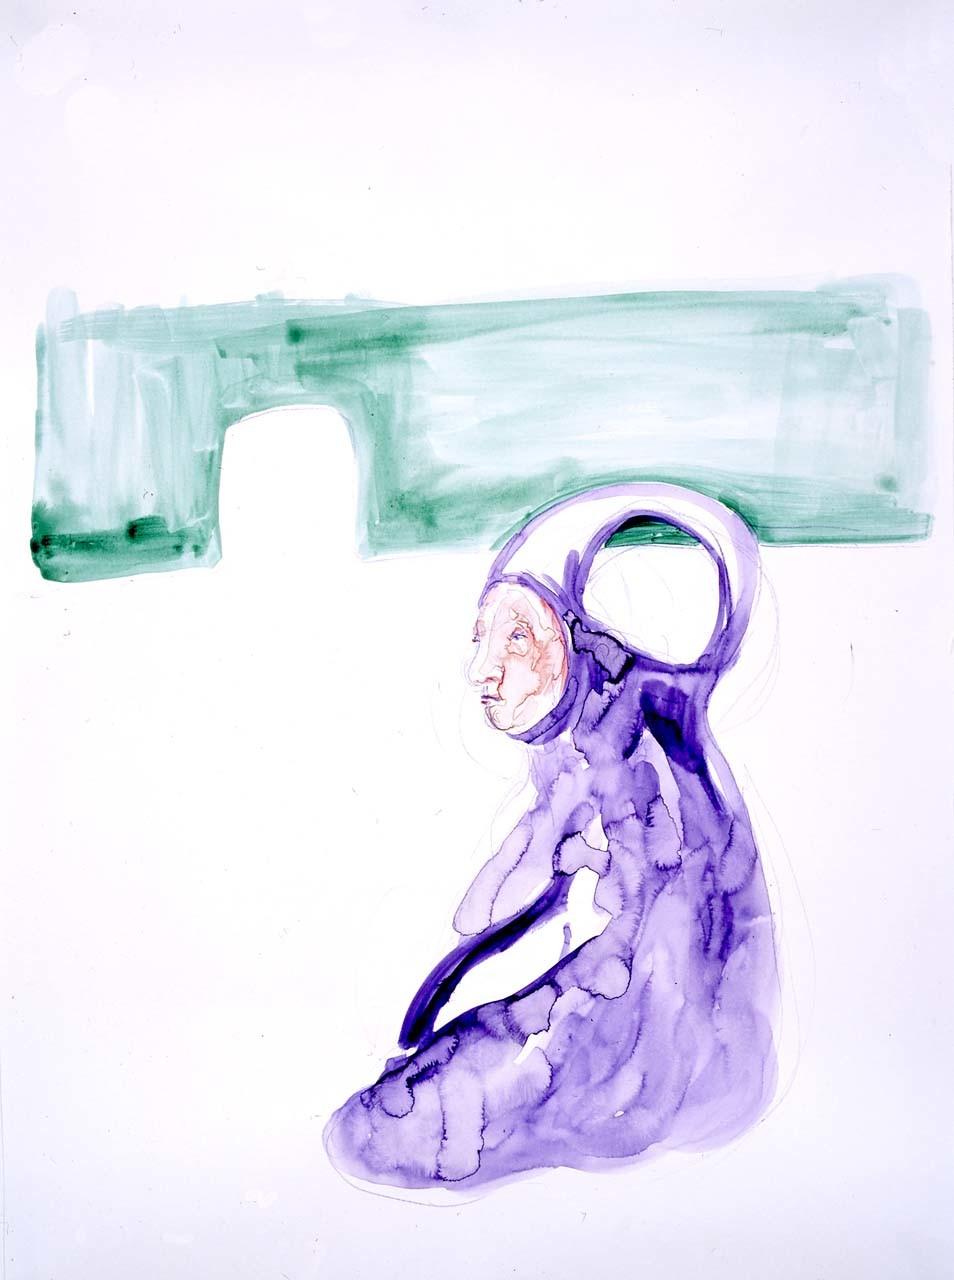 """<div class=""""artwork_caption""""><p>Man, Thinking, 2005</p></div>"""